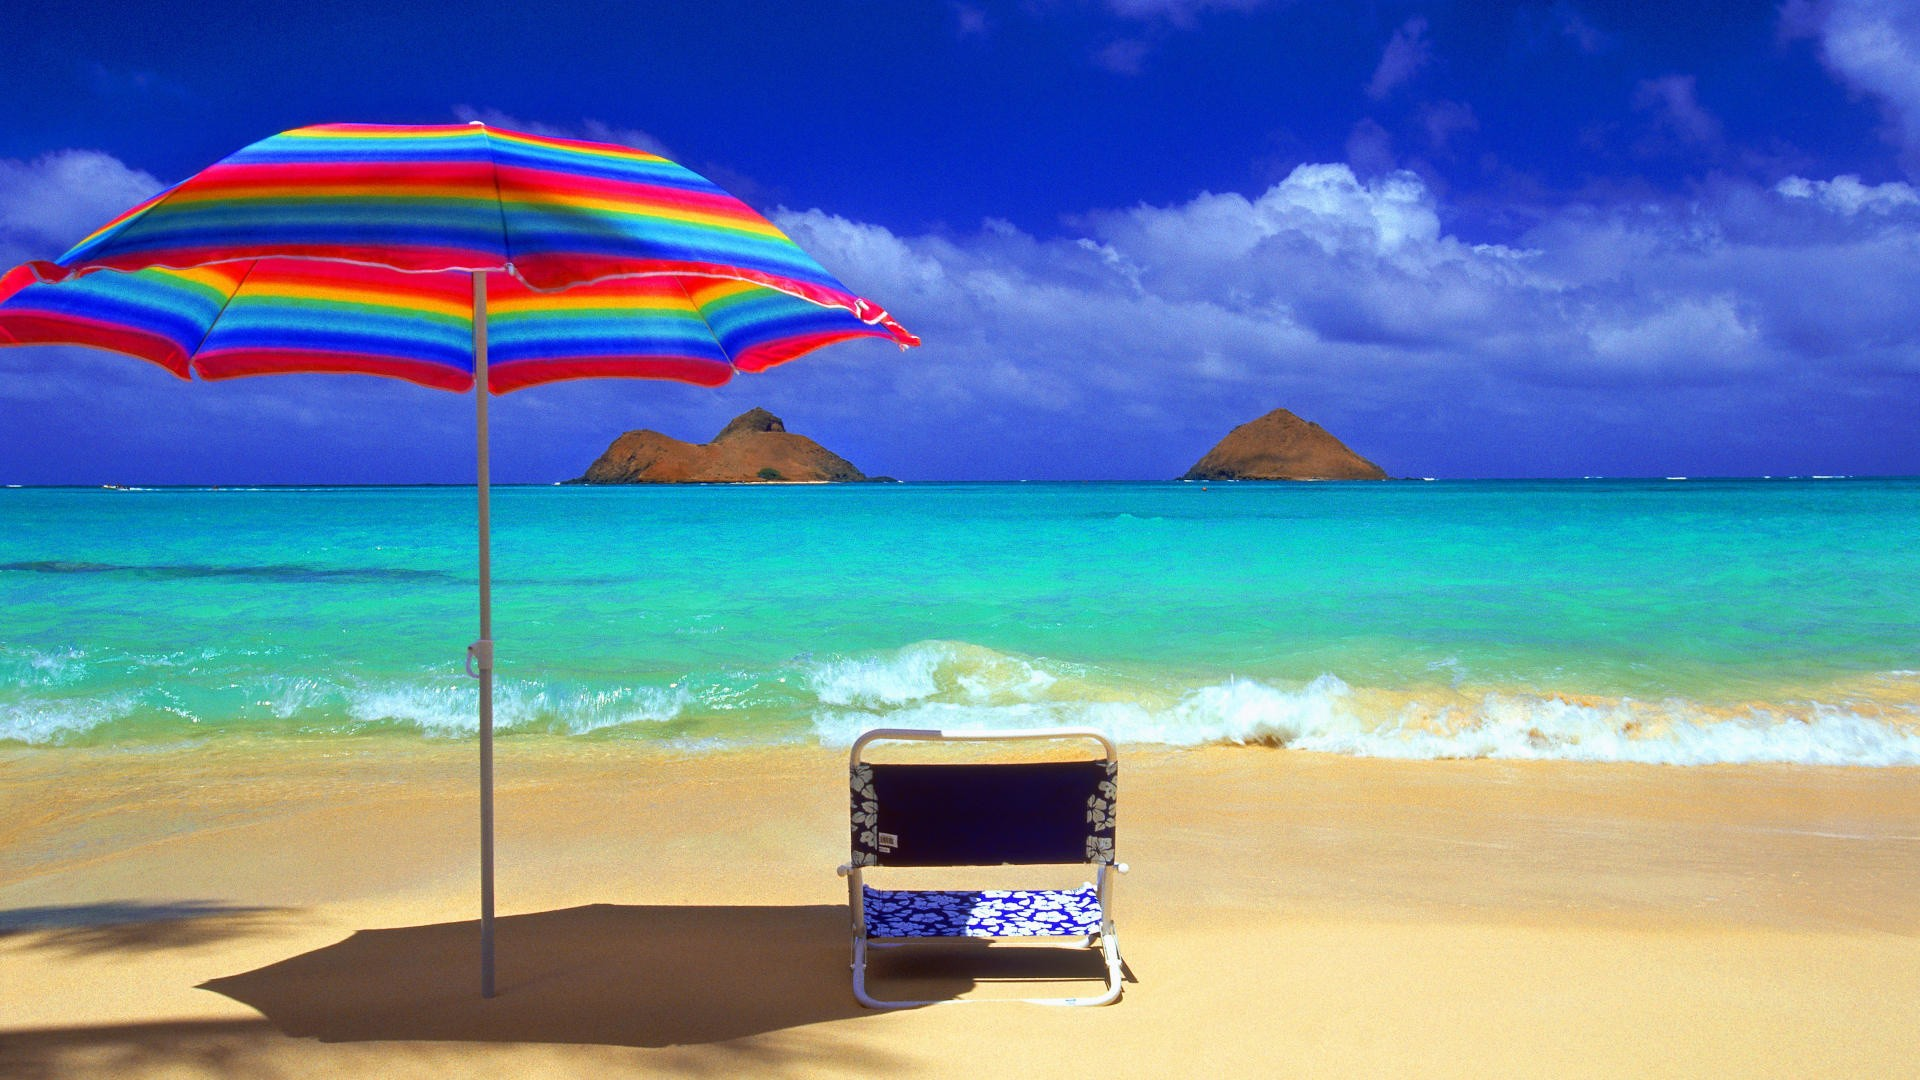 обои для рабочего стола пляж ноутбук № 618697  скачать